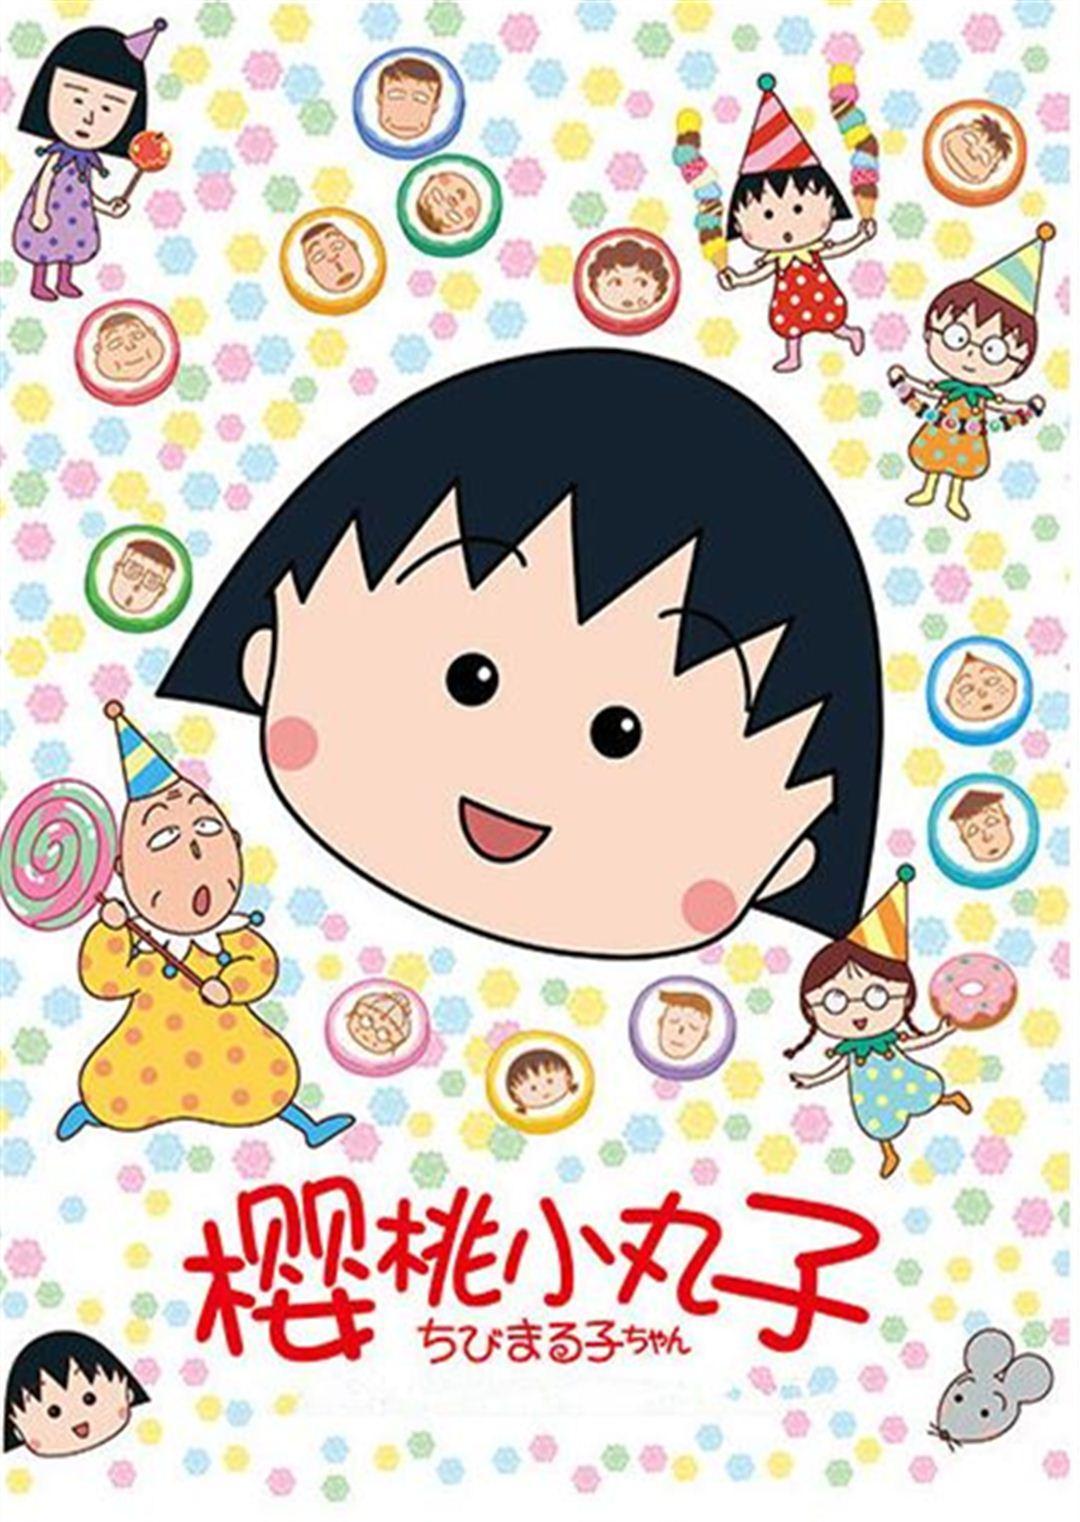 樱桃小丸子 第二季 日语版